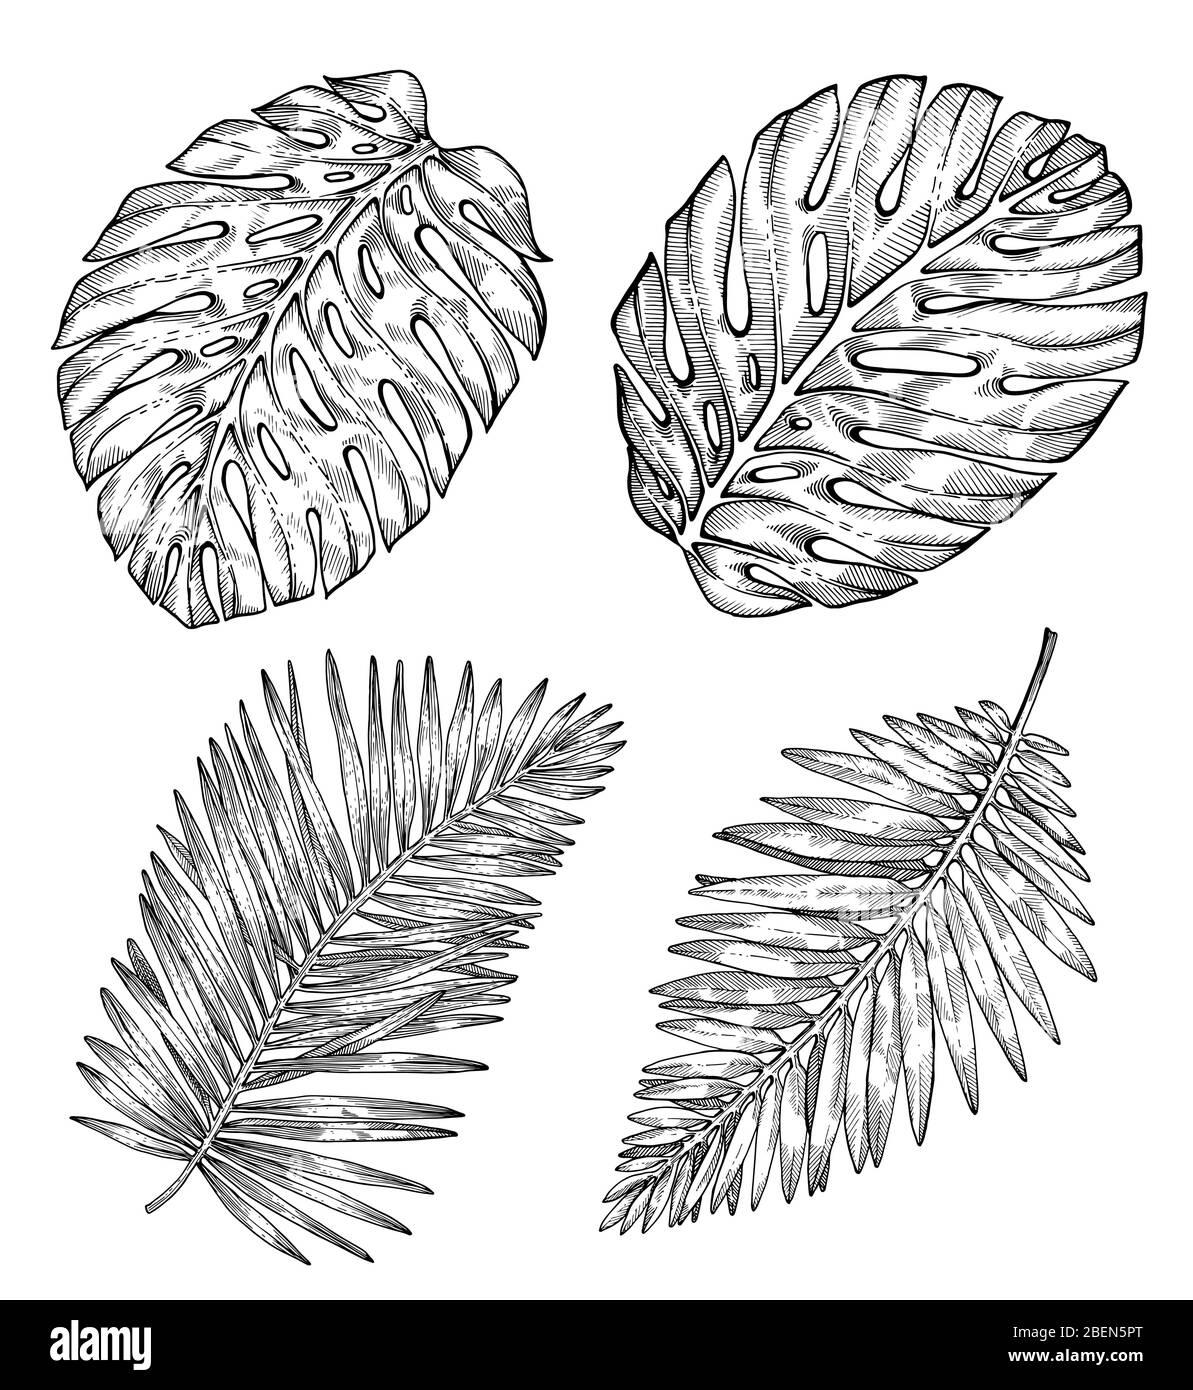 Handgezeichnete tropische Palmenblätter. Skizze auf weißem Hintergrund. Exotische Gravur Dekoration für Textil, Oberflächengestaltung oder Banner. Tolle Vorlage für Stock Vektor